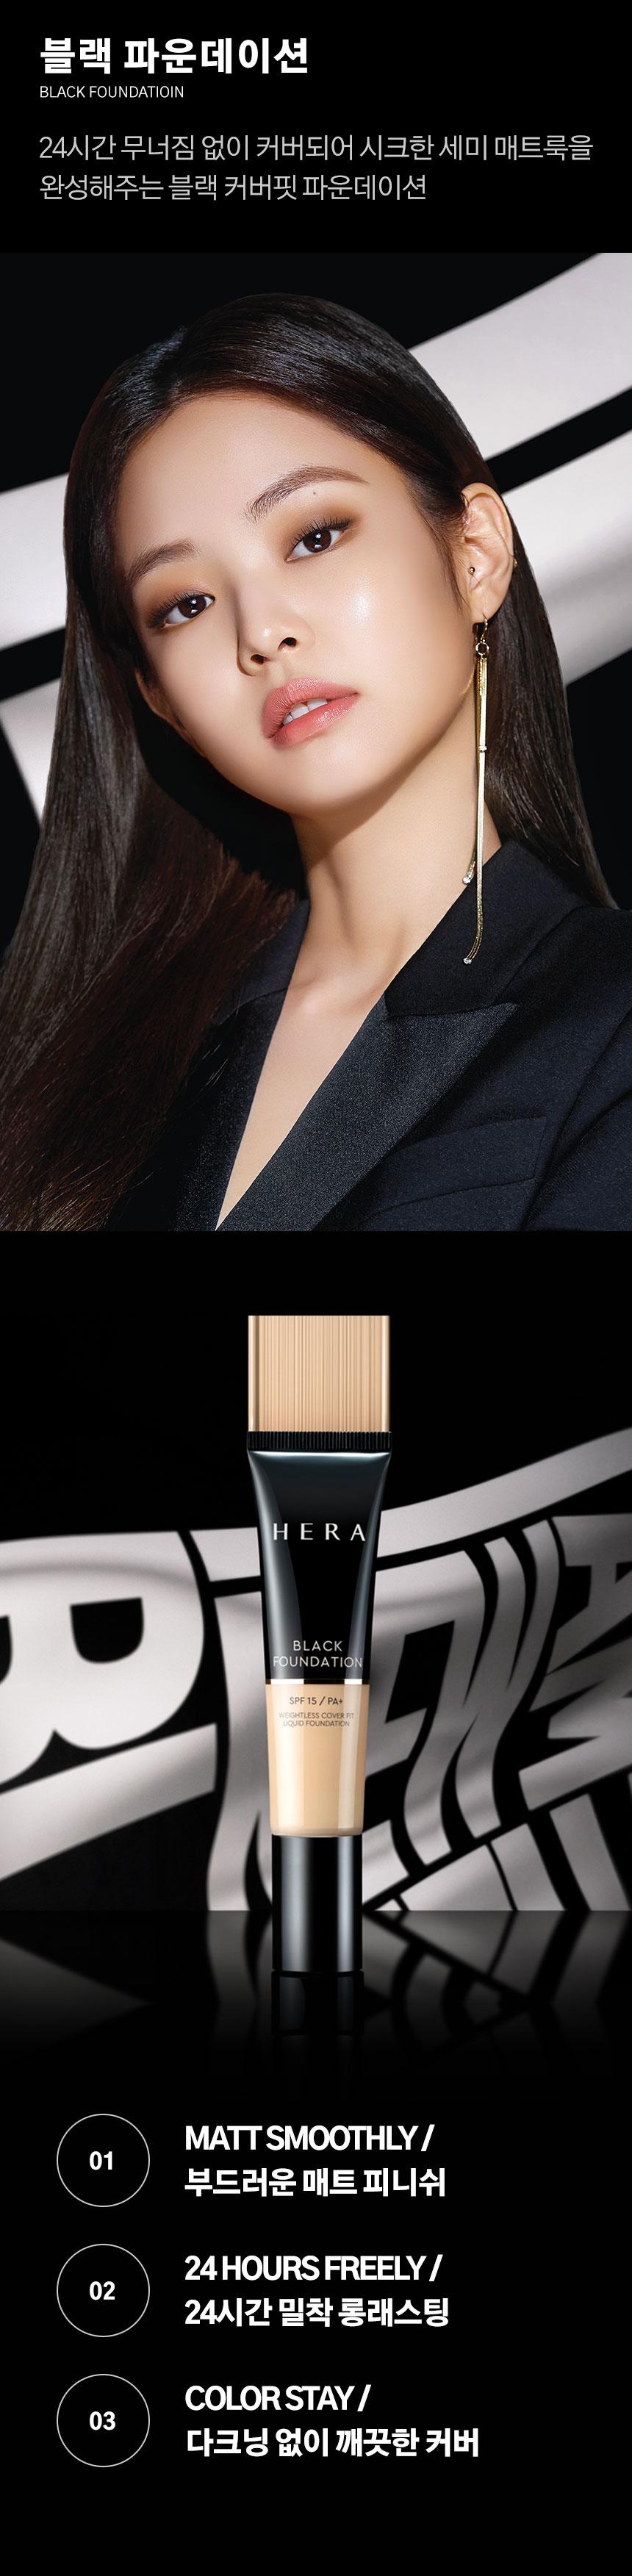 헤라(HERA) 블랙 파운데이션 35ml+[사은품 증정]